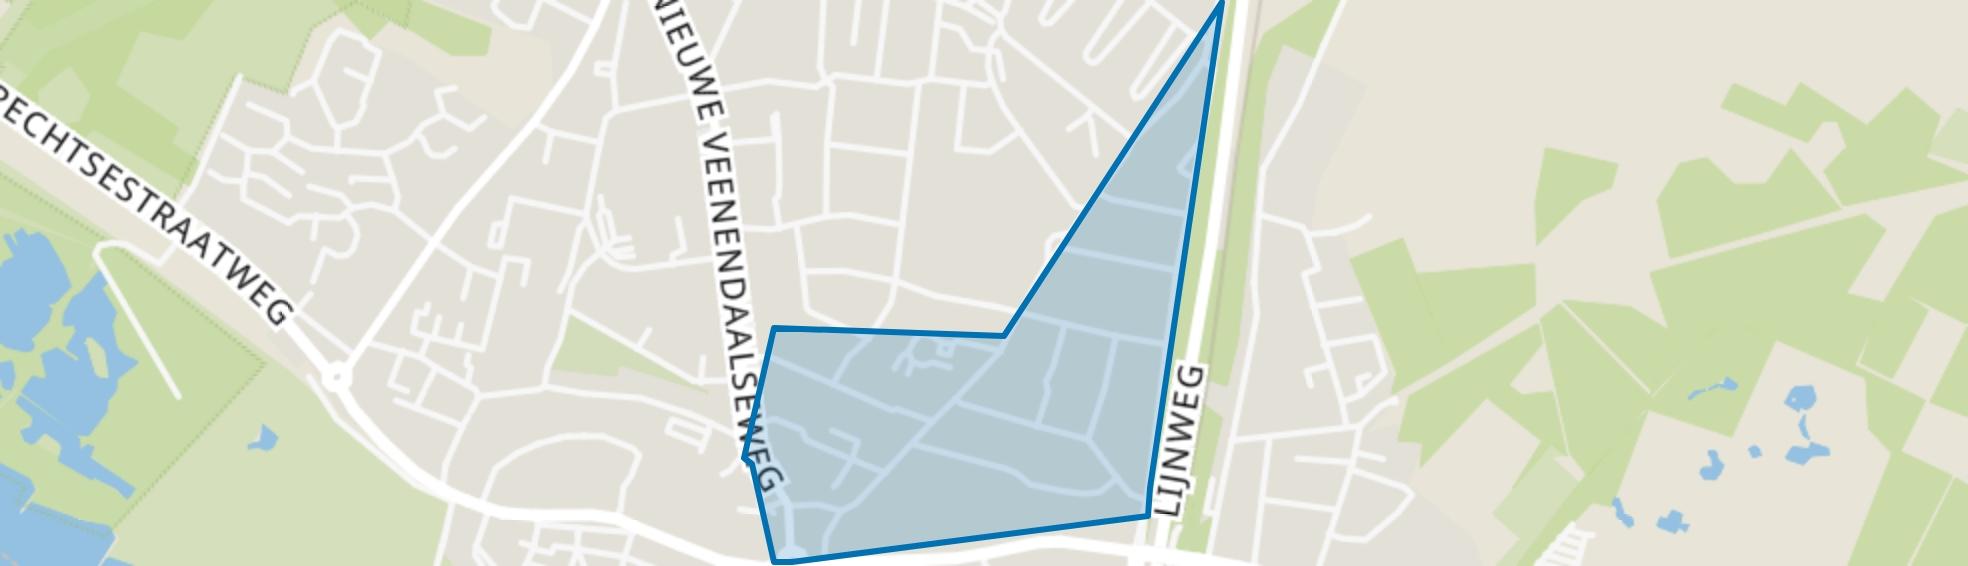 Bruine Eng, Rhenen map